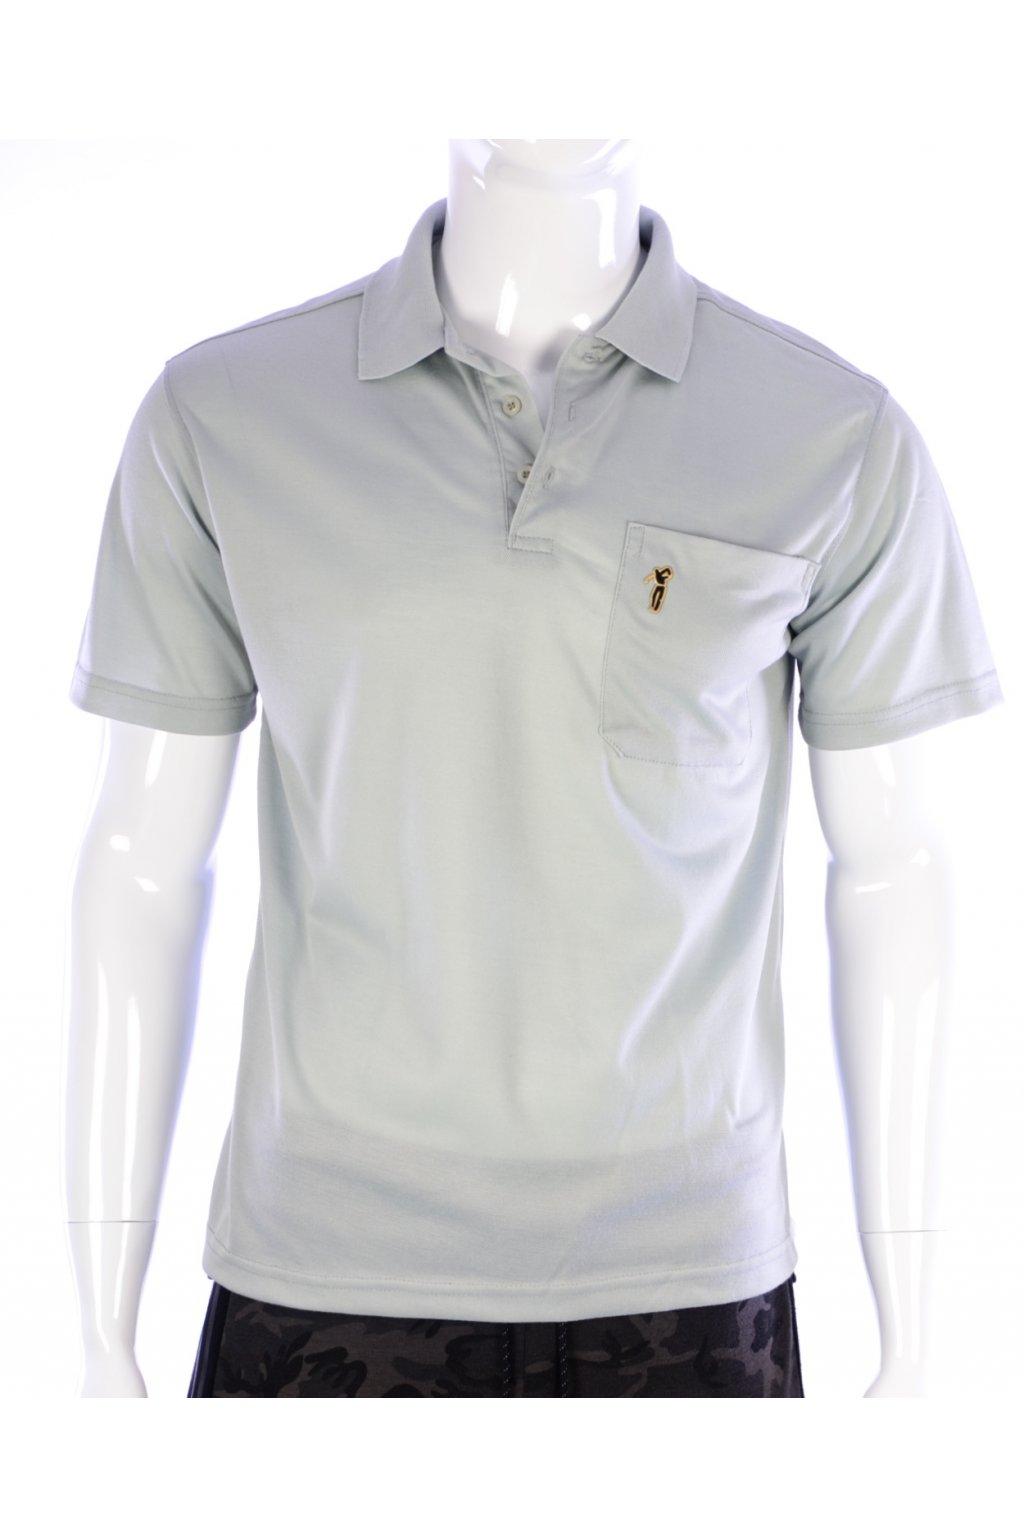 Tričko šedé s límečkem Just Pong vel. M